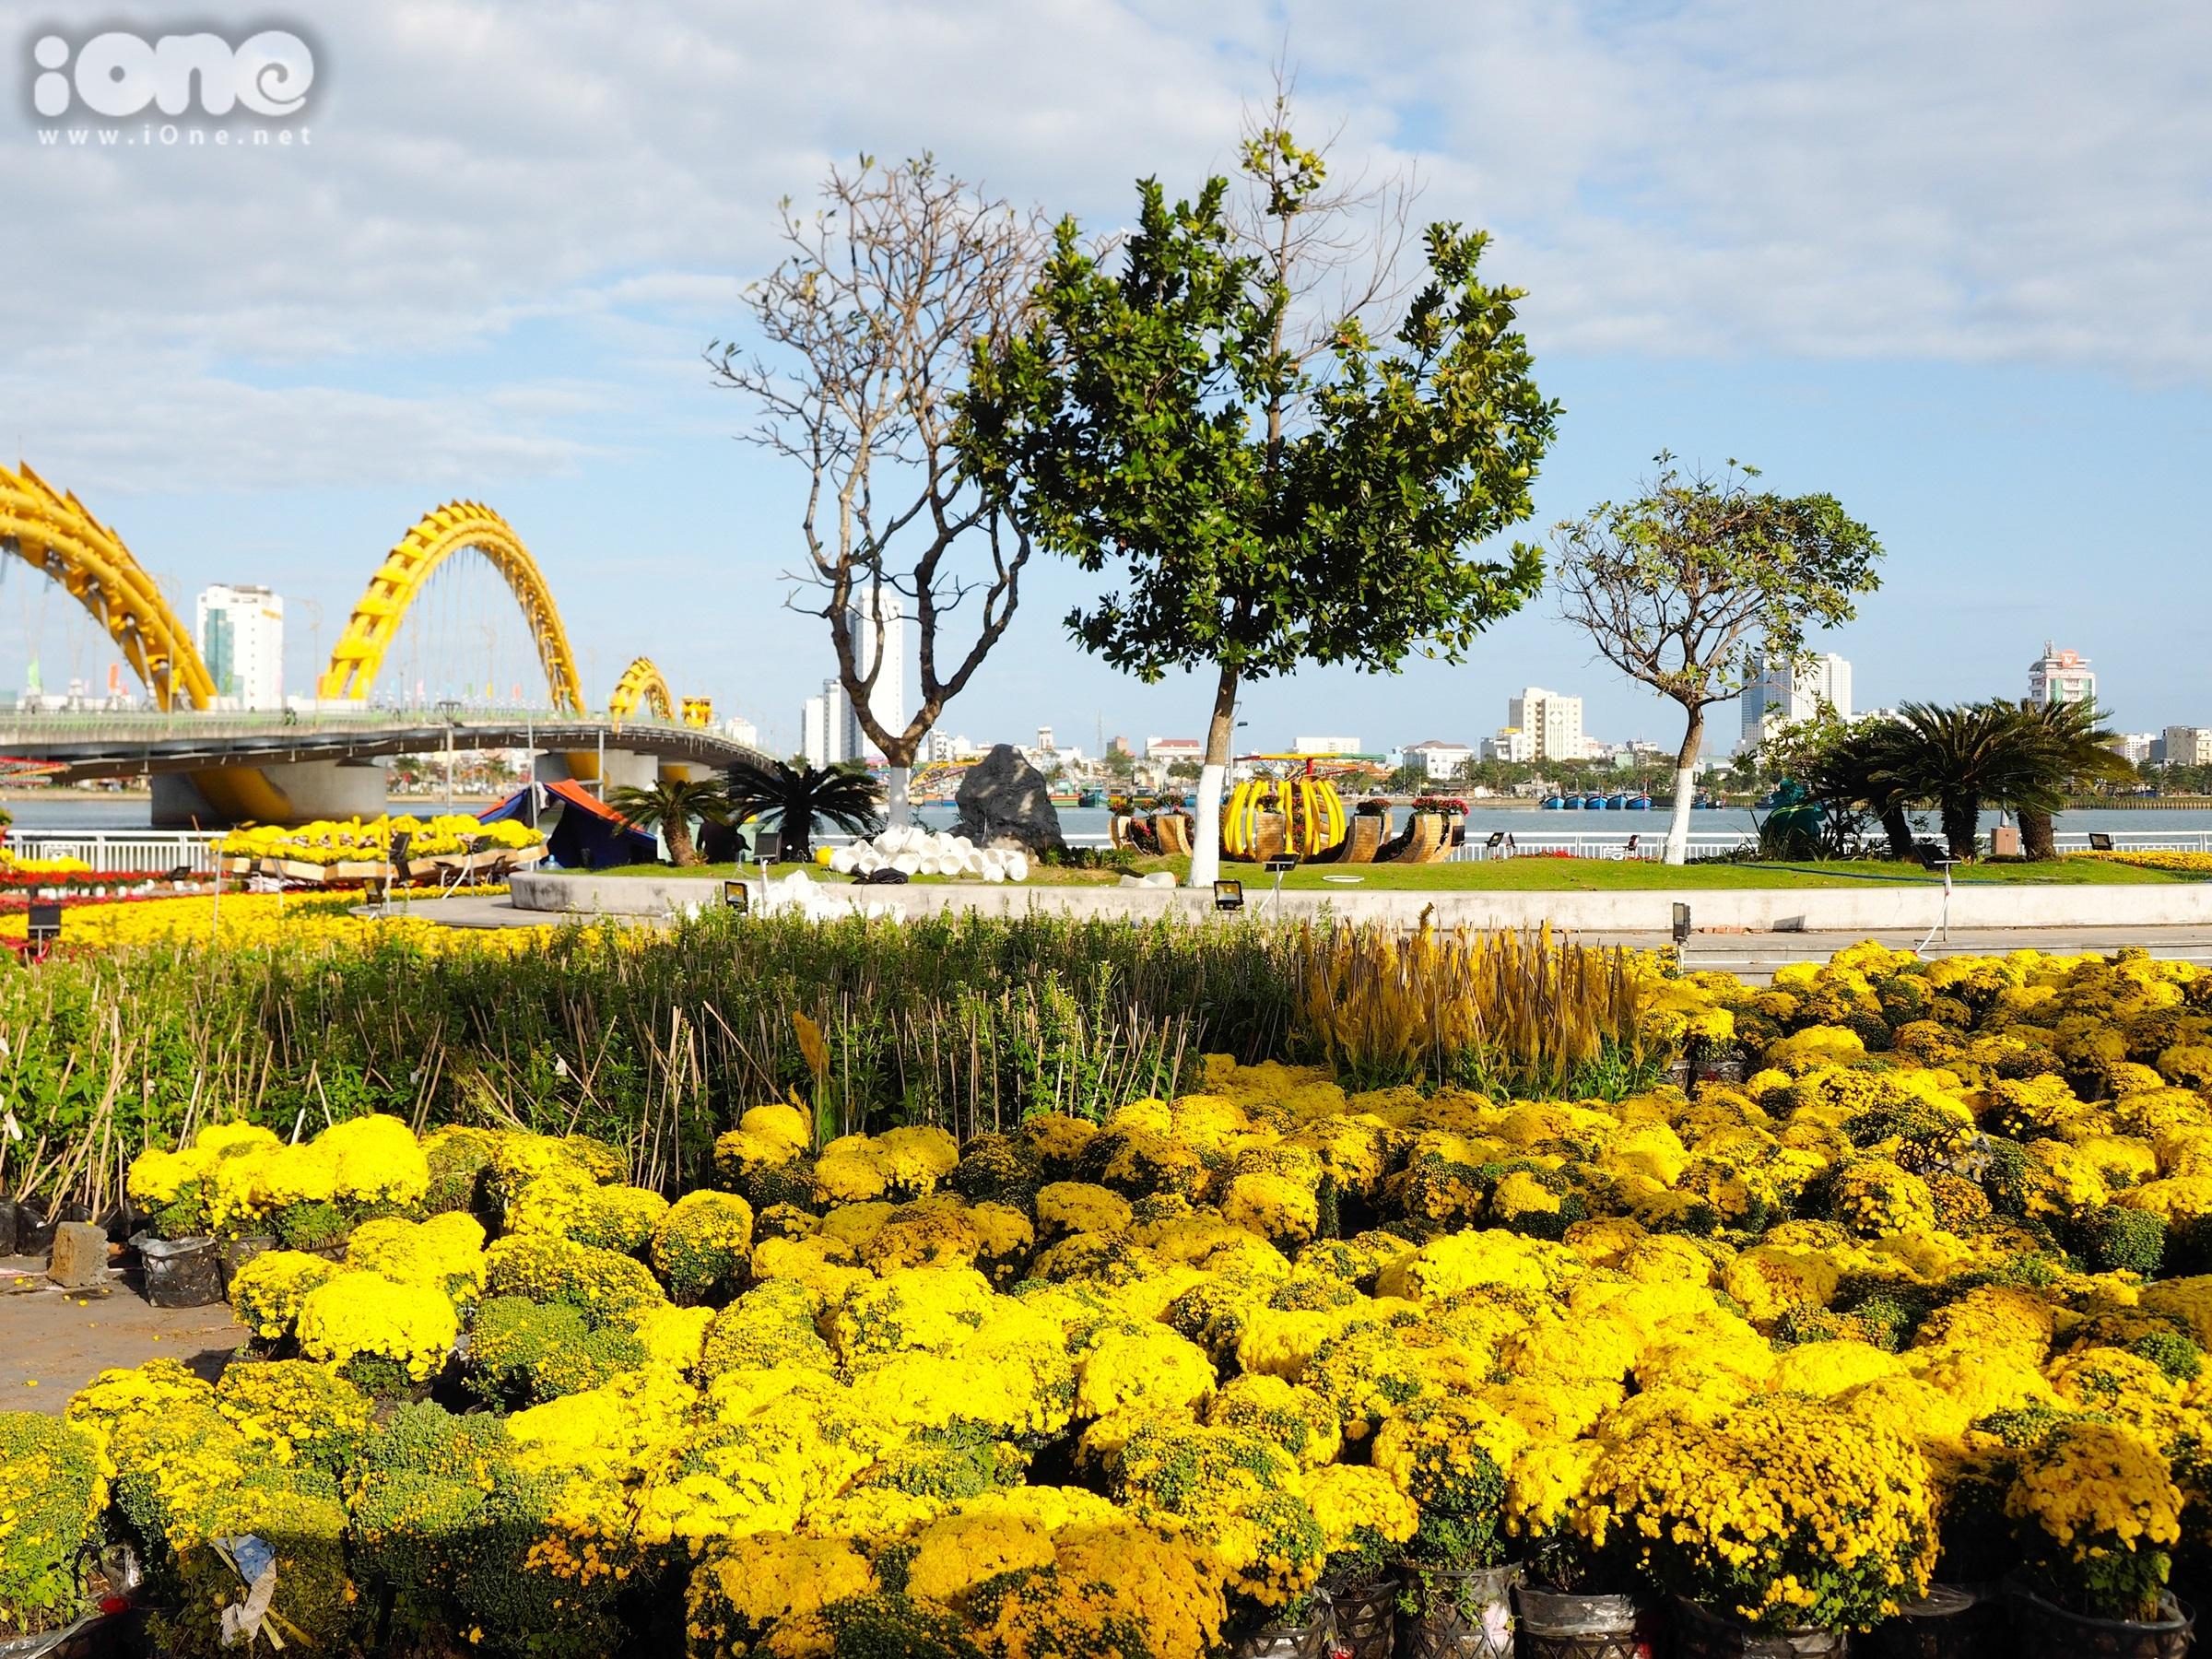 Đường hoa tại Đà Nẵng sẽ khai mạc vào 9/2/2021 (28 tháng Chạp). Đường hoa được mở cửa thường xuyên để người dân đến tham quan cho đến ngày 21/2/2021 (mồng 10 tháng Giêng năm Tân Sửu).